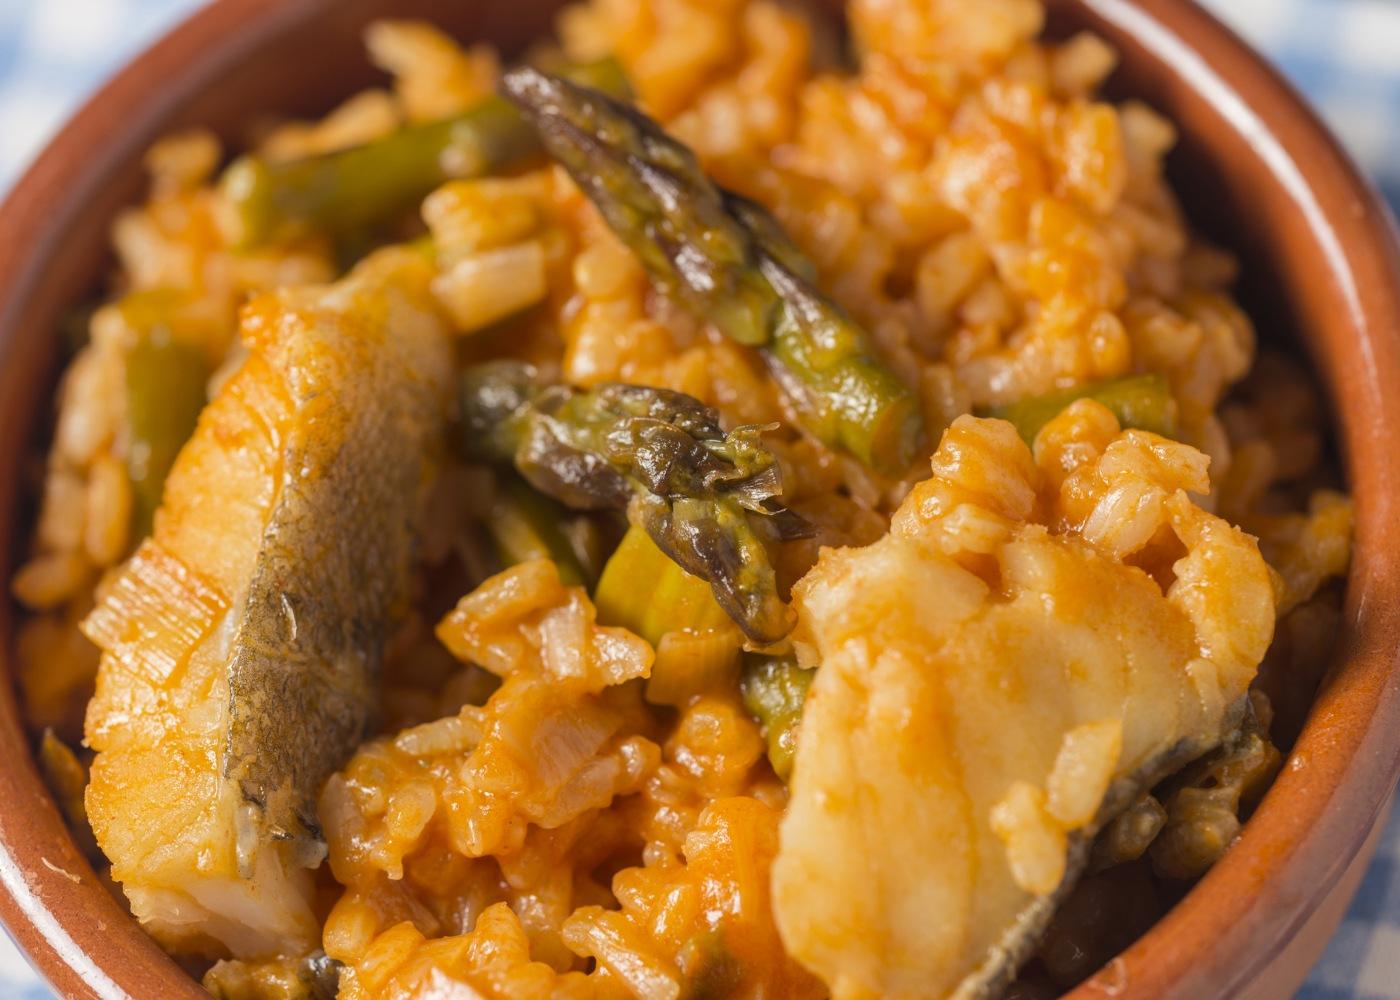 arroz de bacalhau tradicional